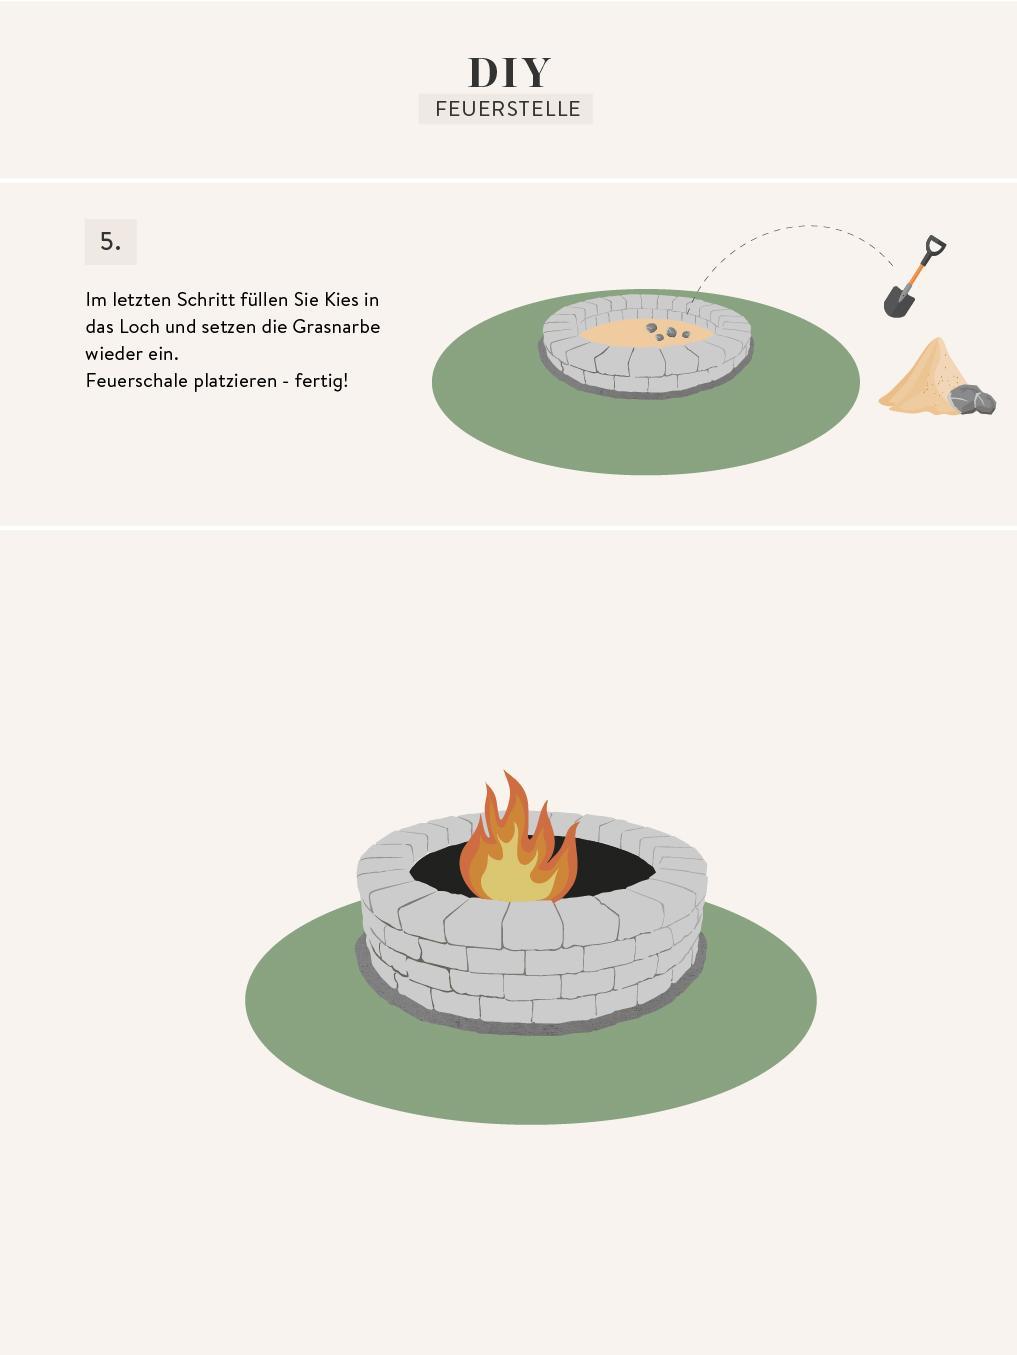 Anleitung für eine Feuerstelle